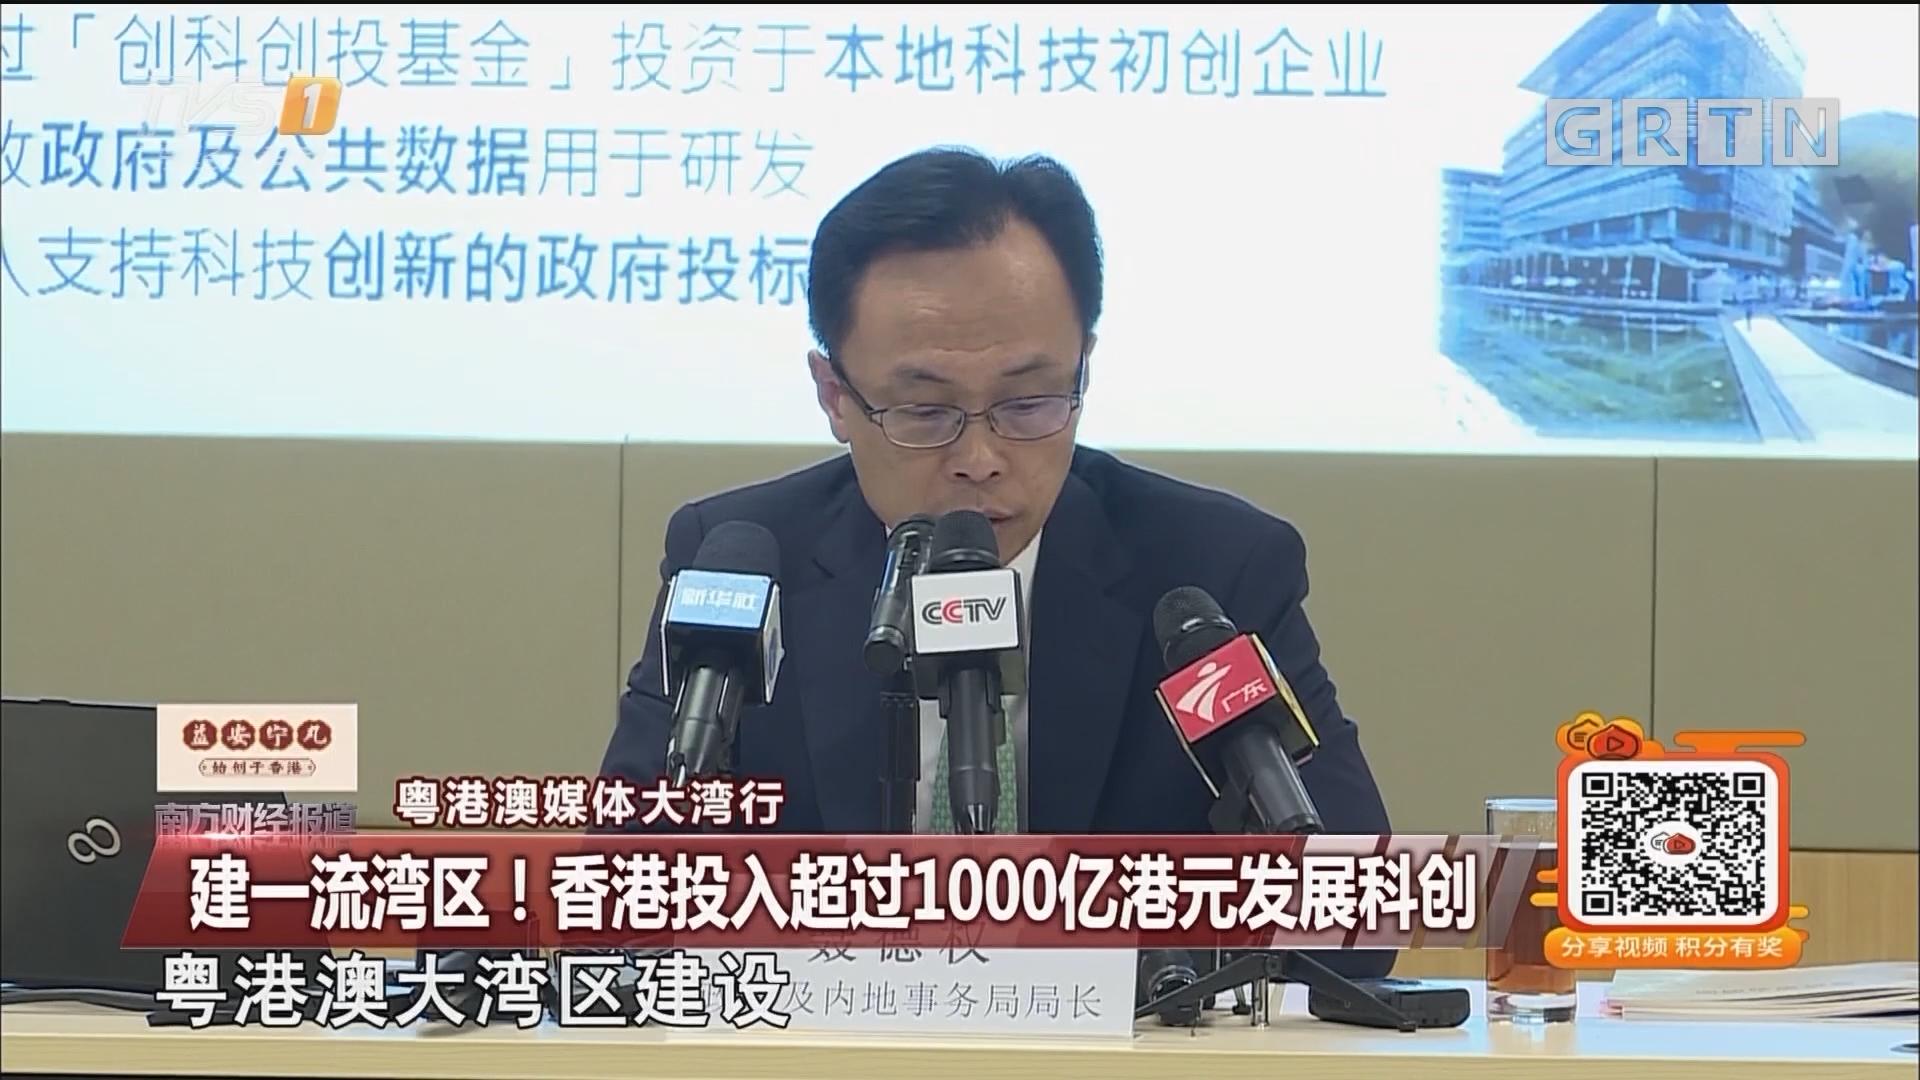 粤港澳媒体大湾行:建一流湾区!香港投入超过1000亿港元发展科创